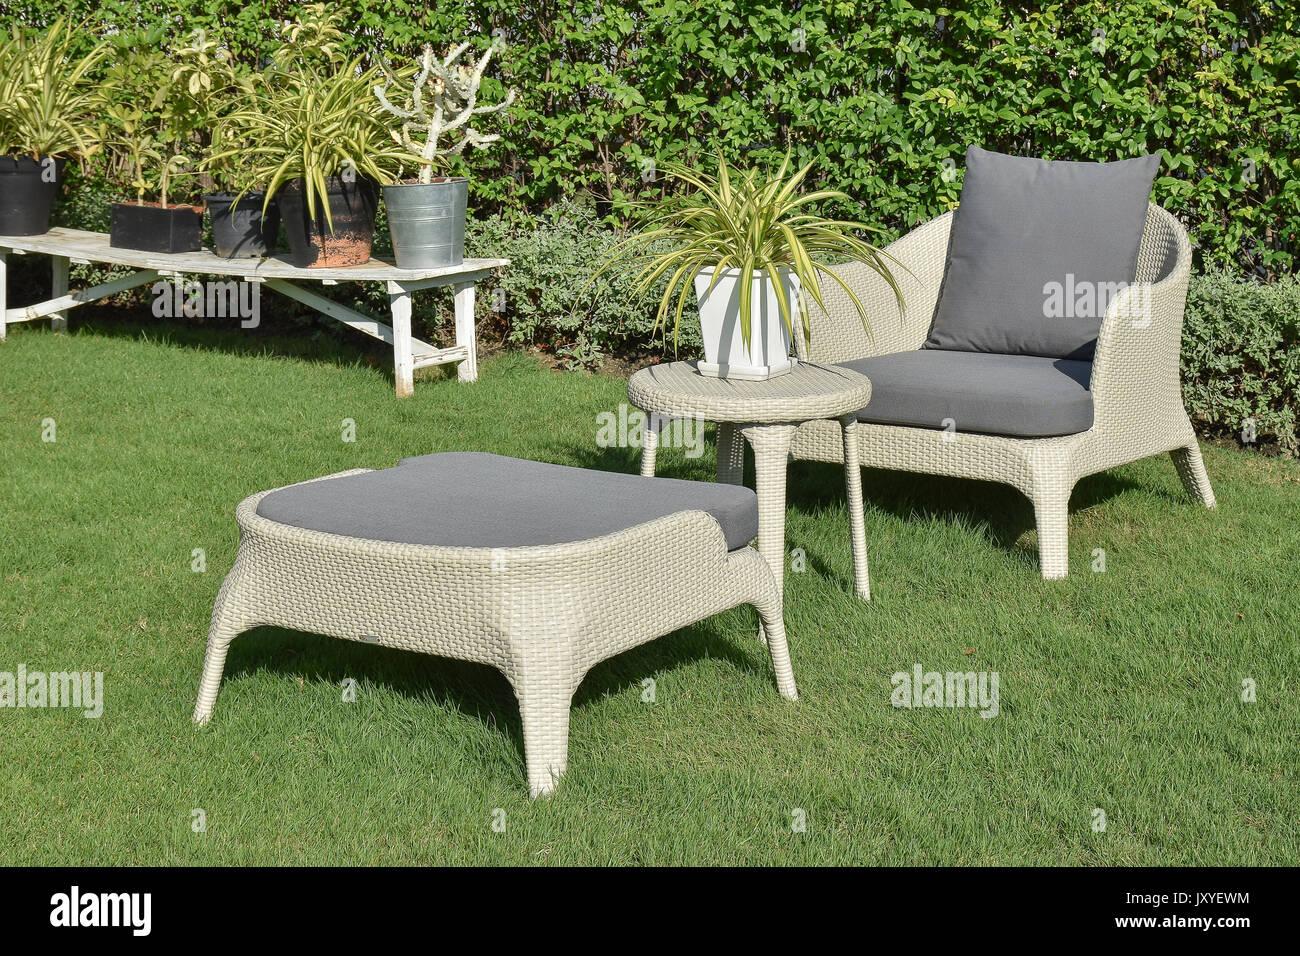 Sedie In Rattan Da Esterno.Il Verde Giardino Con Mobili Da Esterno Gruppo Salotto Con Sedie